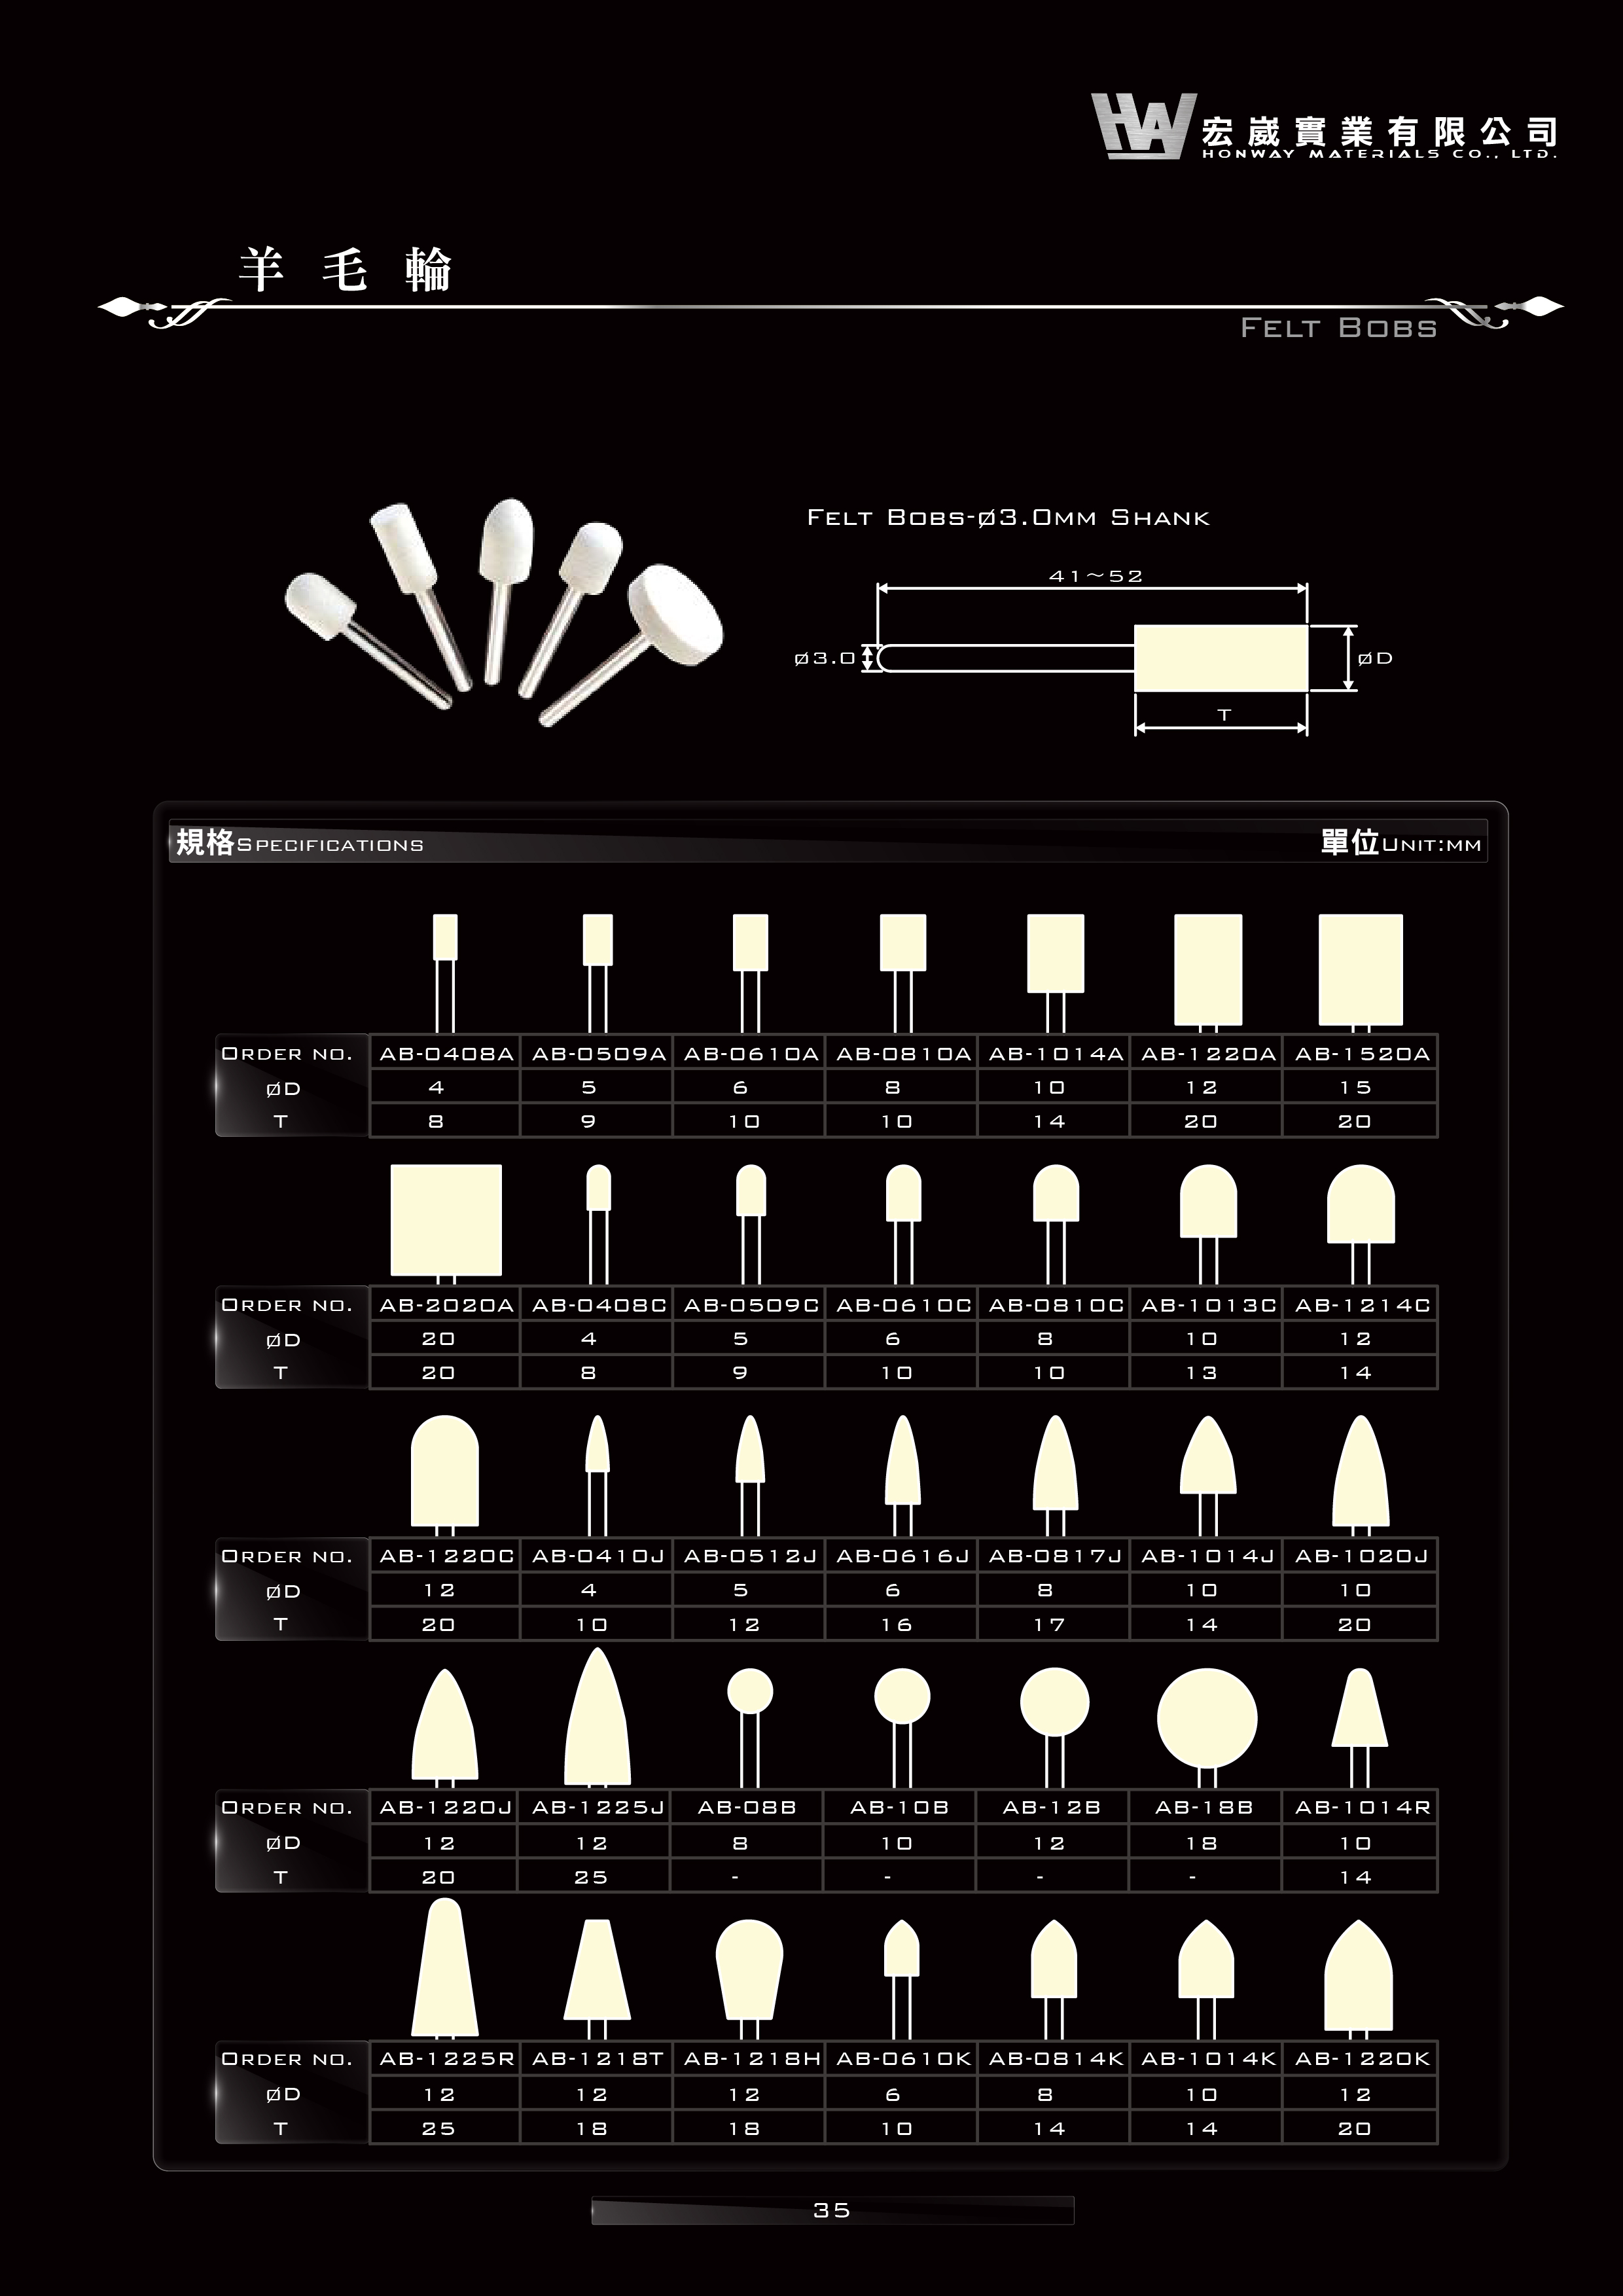 棕刷,木條,鑽石纖維油石,鑽石切片,鑽石雕刻針,陶瓷法,樹脂法,塘孔磨棒,穿孔磨棒,銼刀,鑽石油石,氮化硼磨棒,電鑄法,電鍍法,